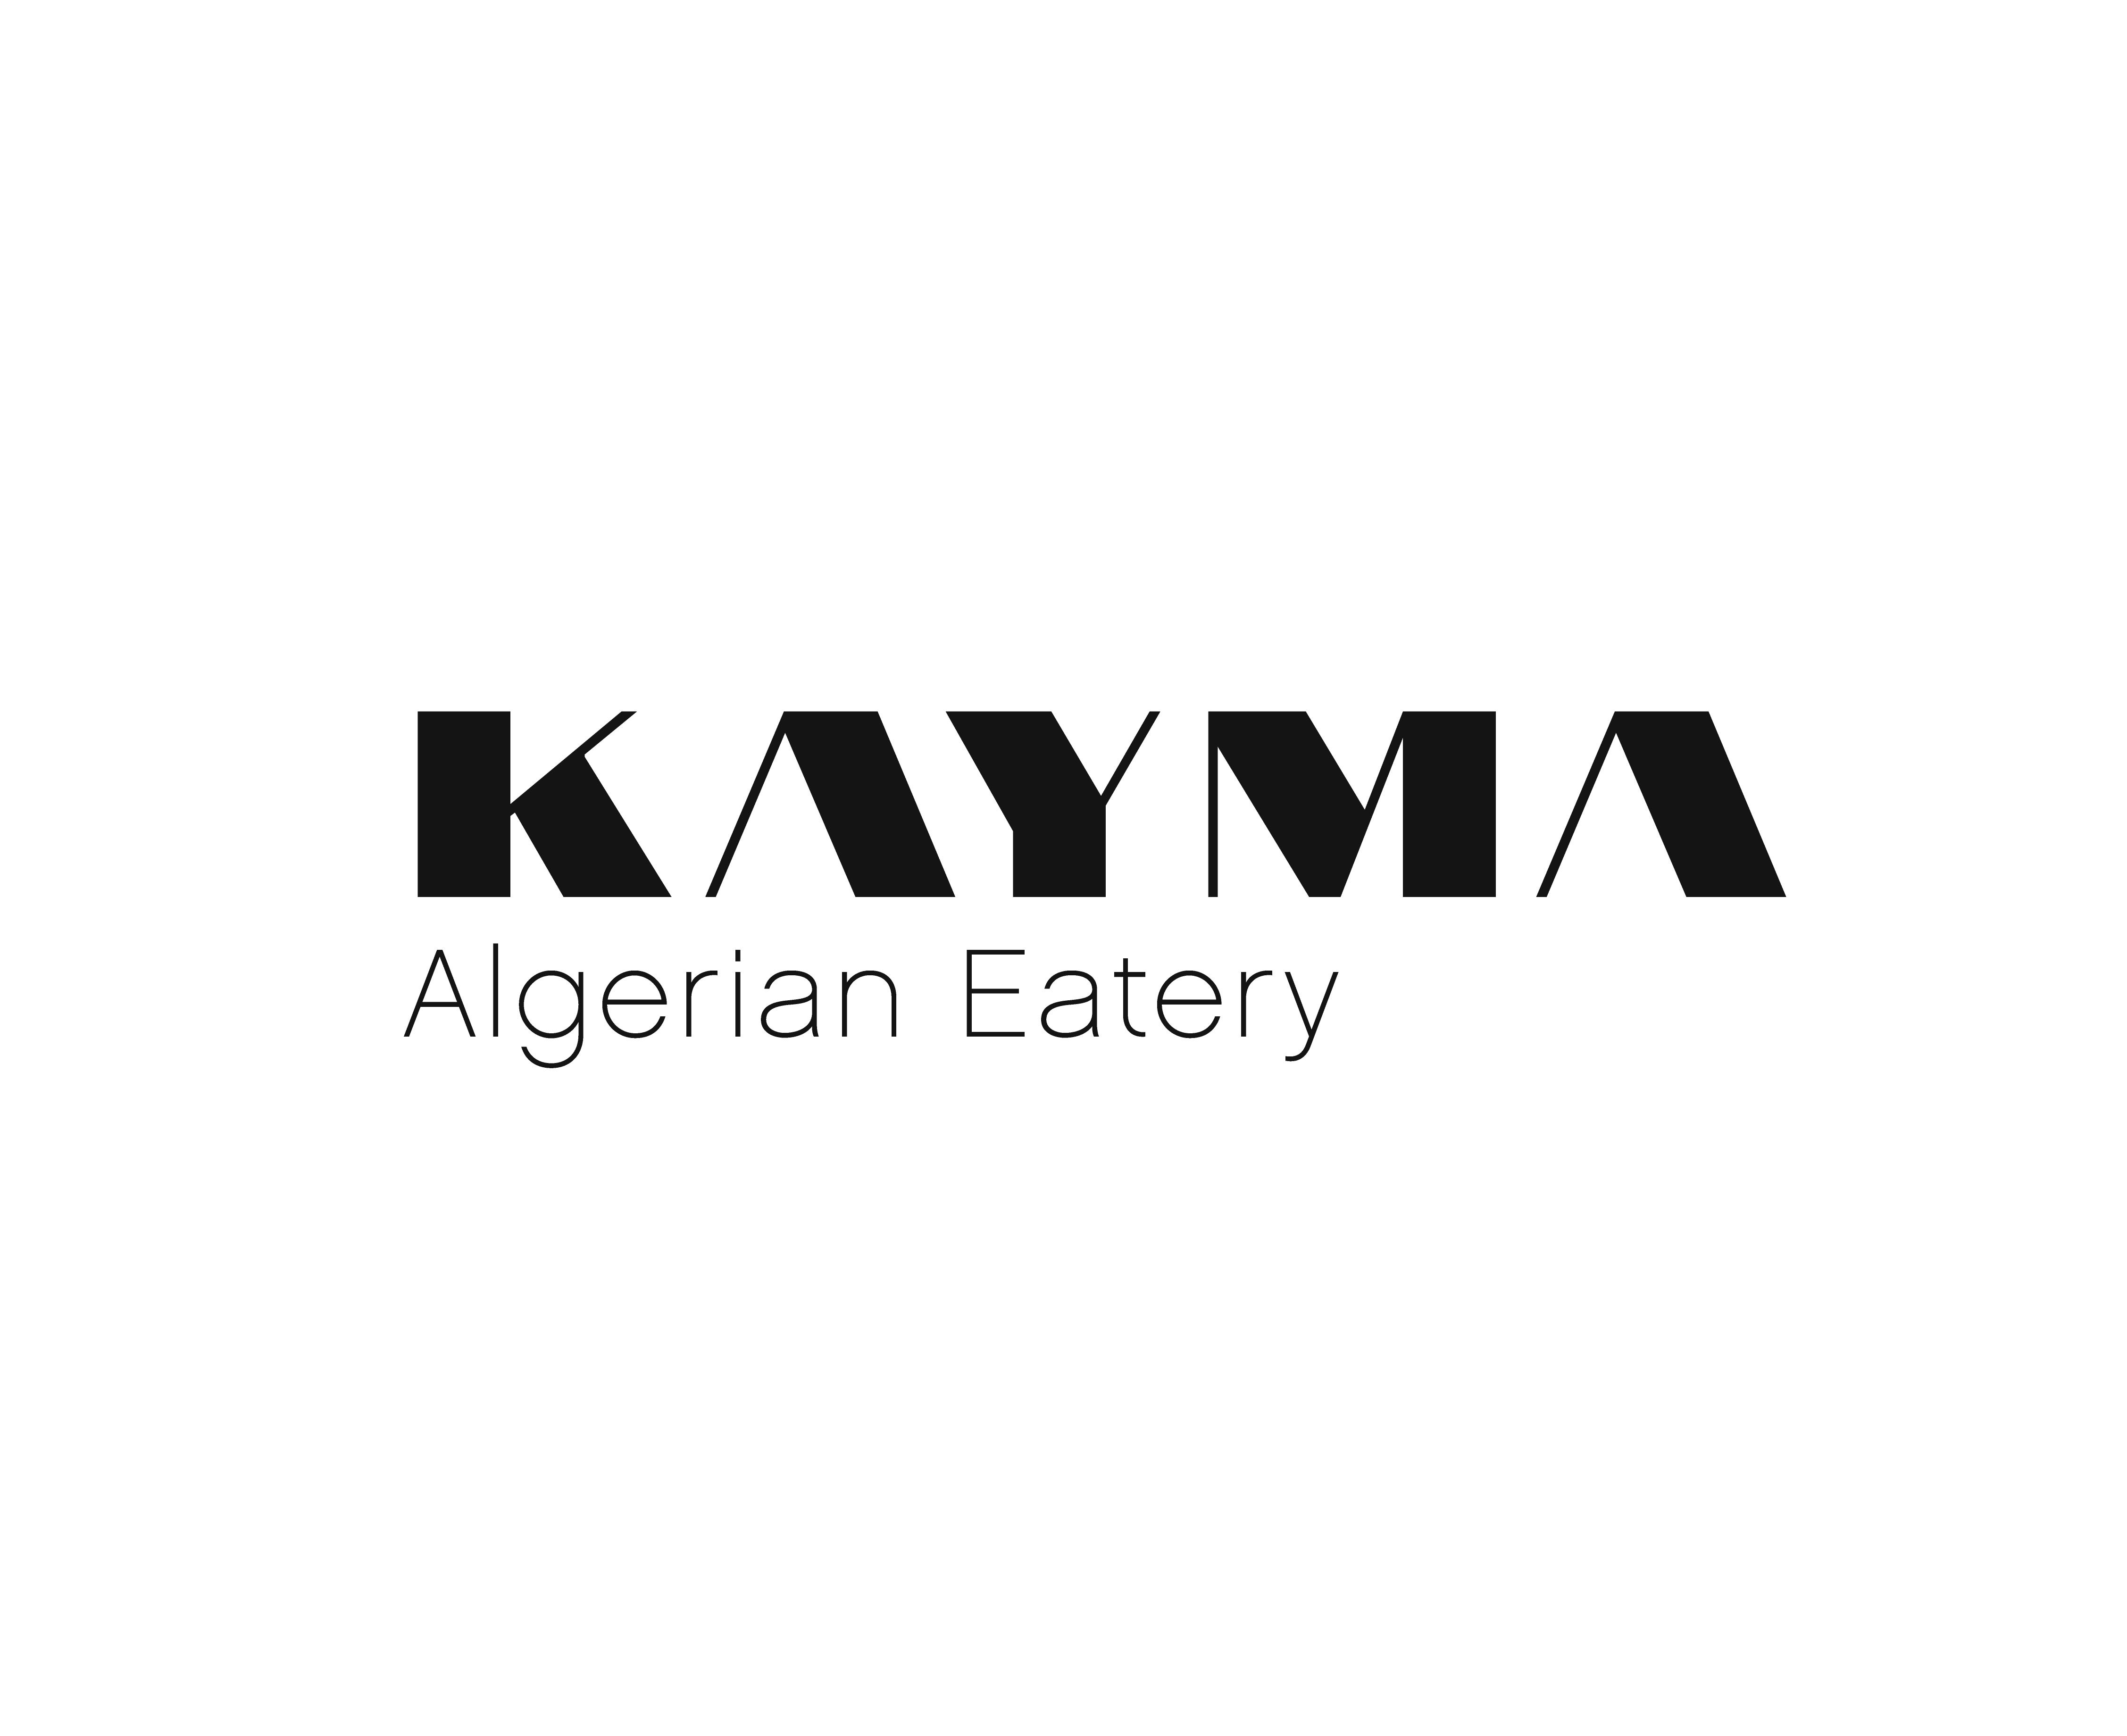 Kayma Algerian Eatery